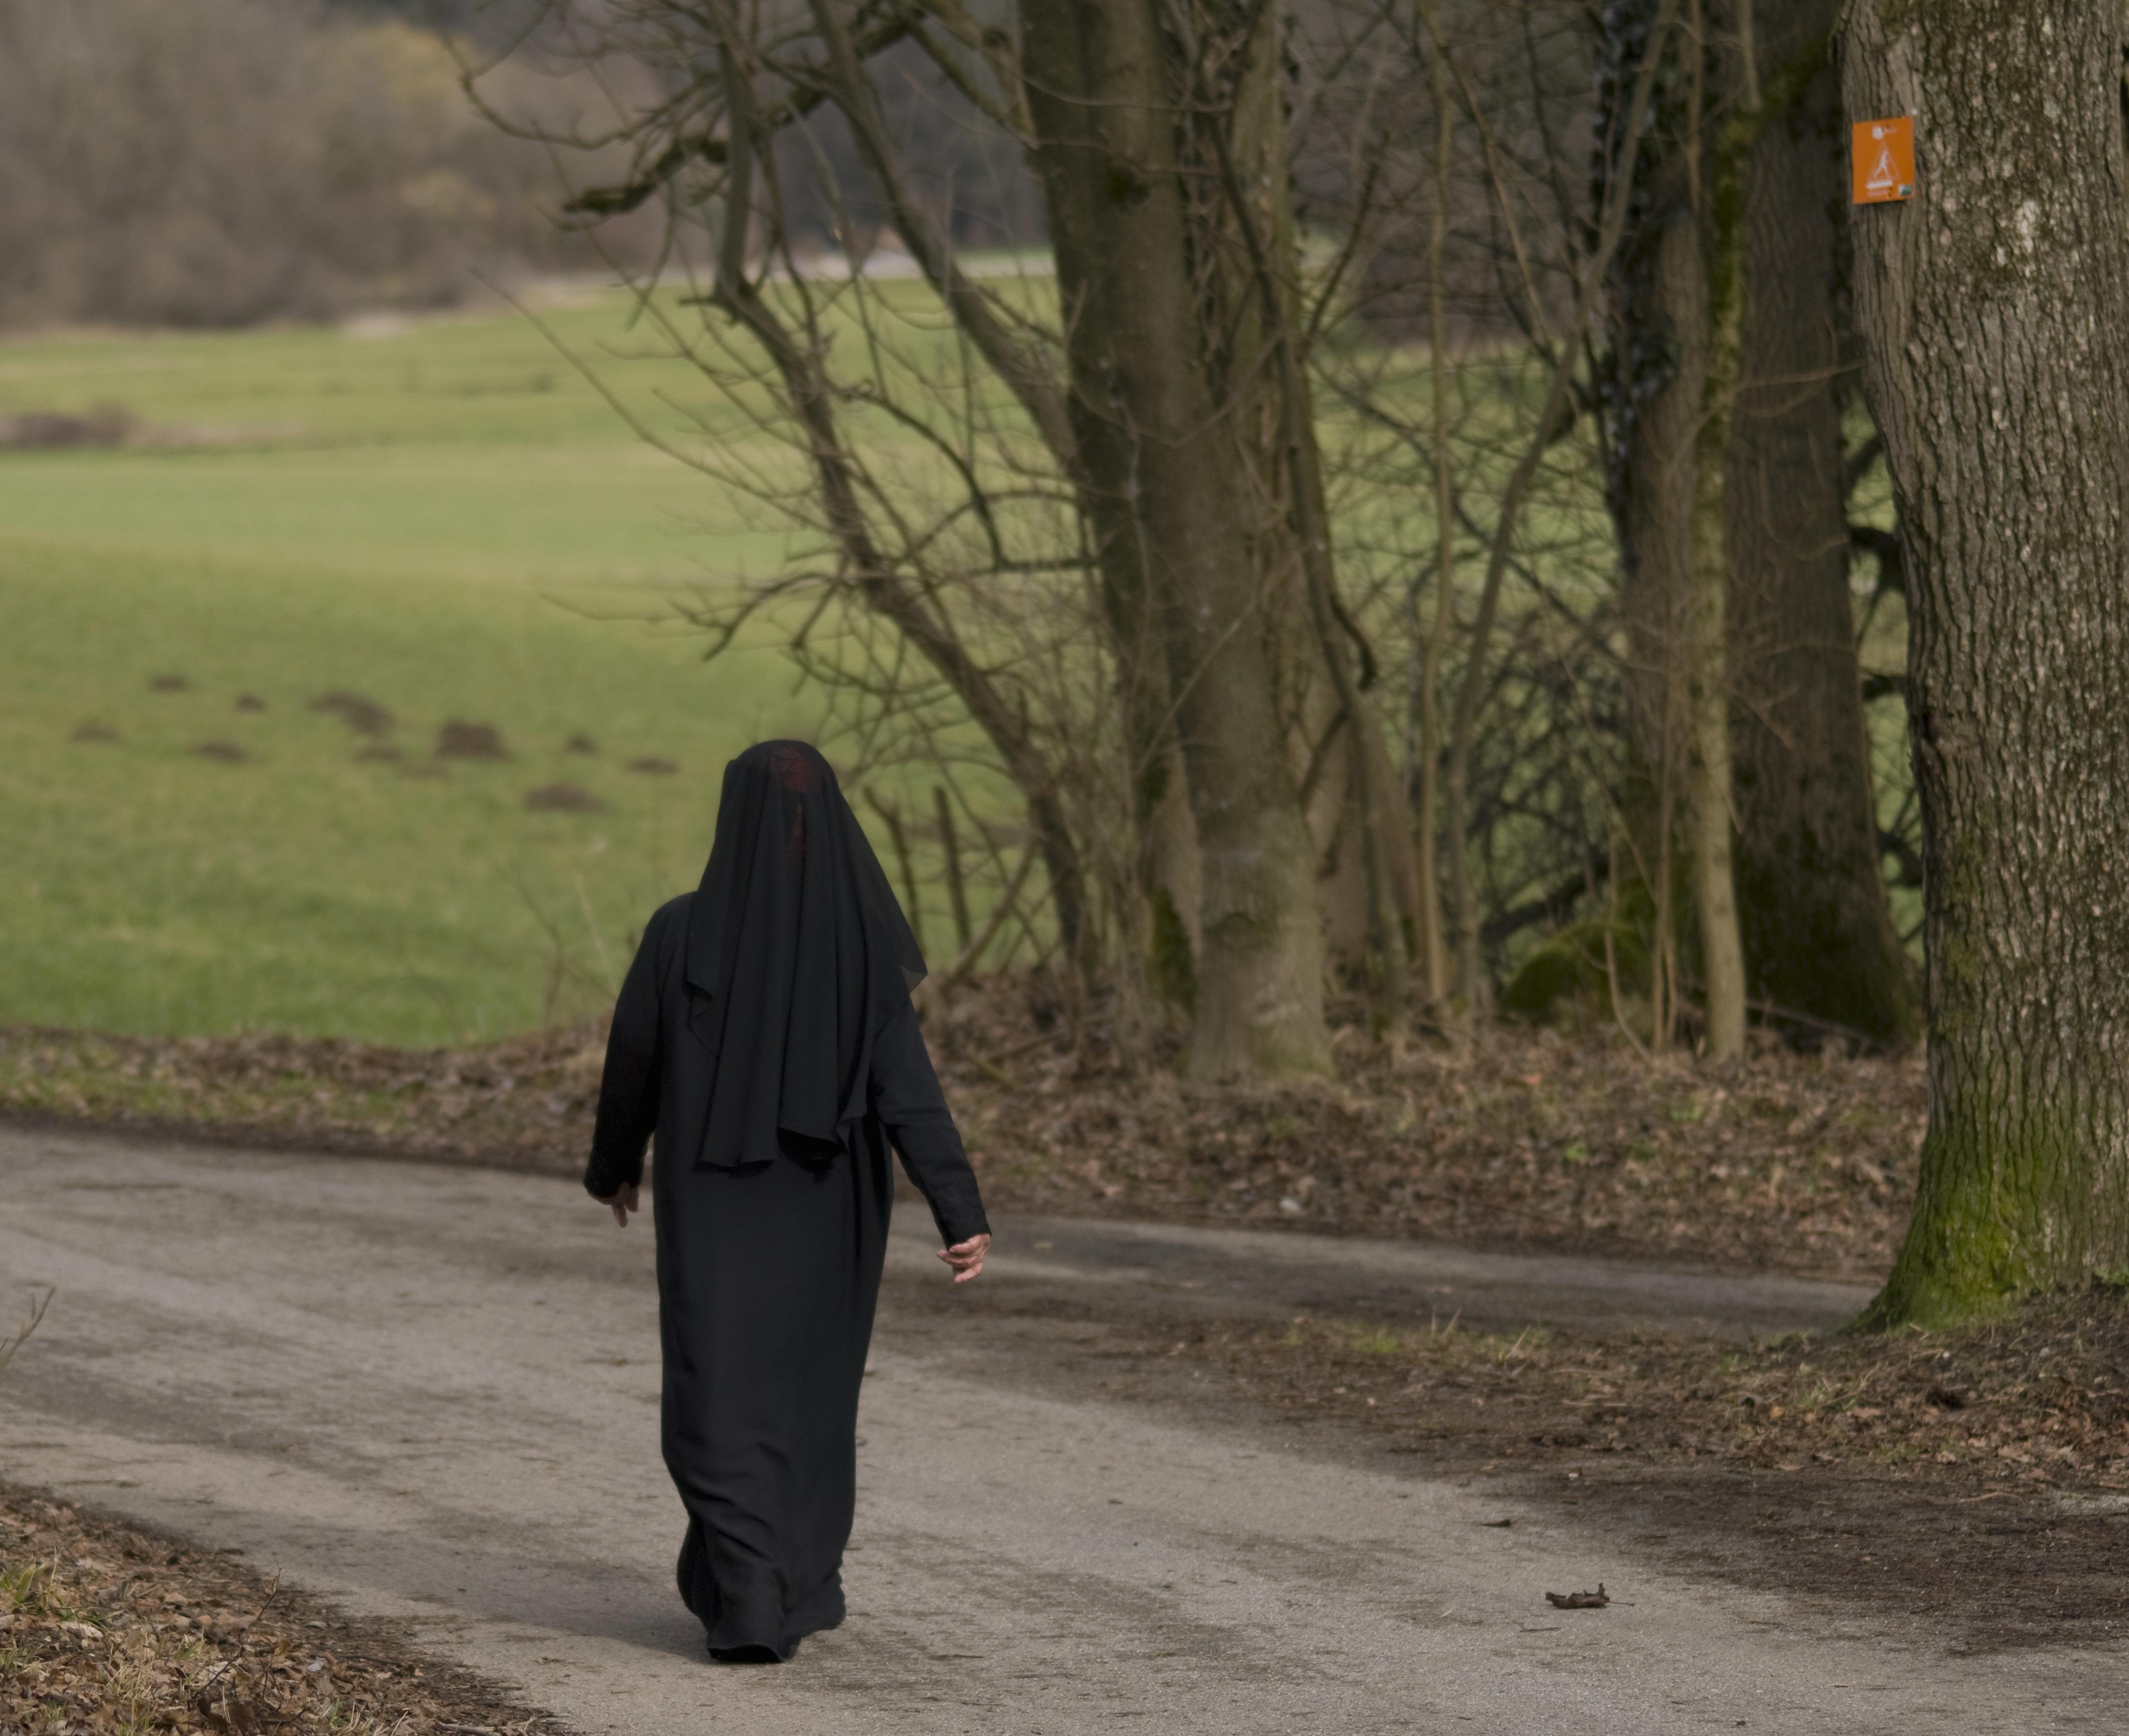 NRW-Verfassungsschutz sieht Gefahr in salafistischen Frauennetzwerken